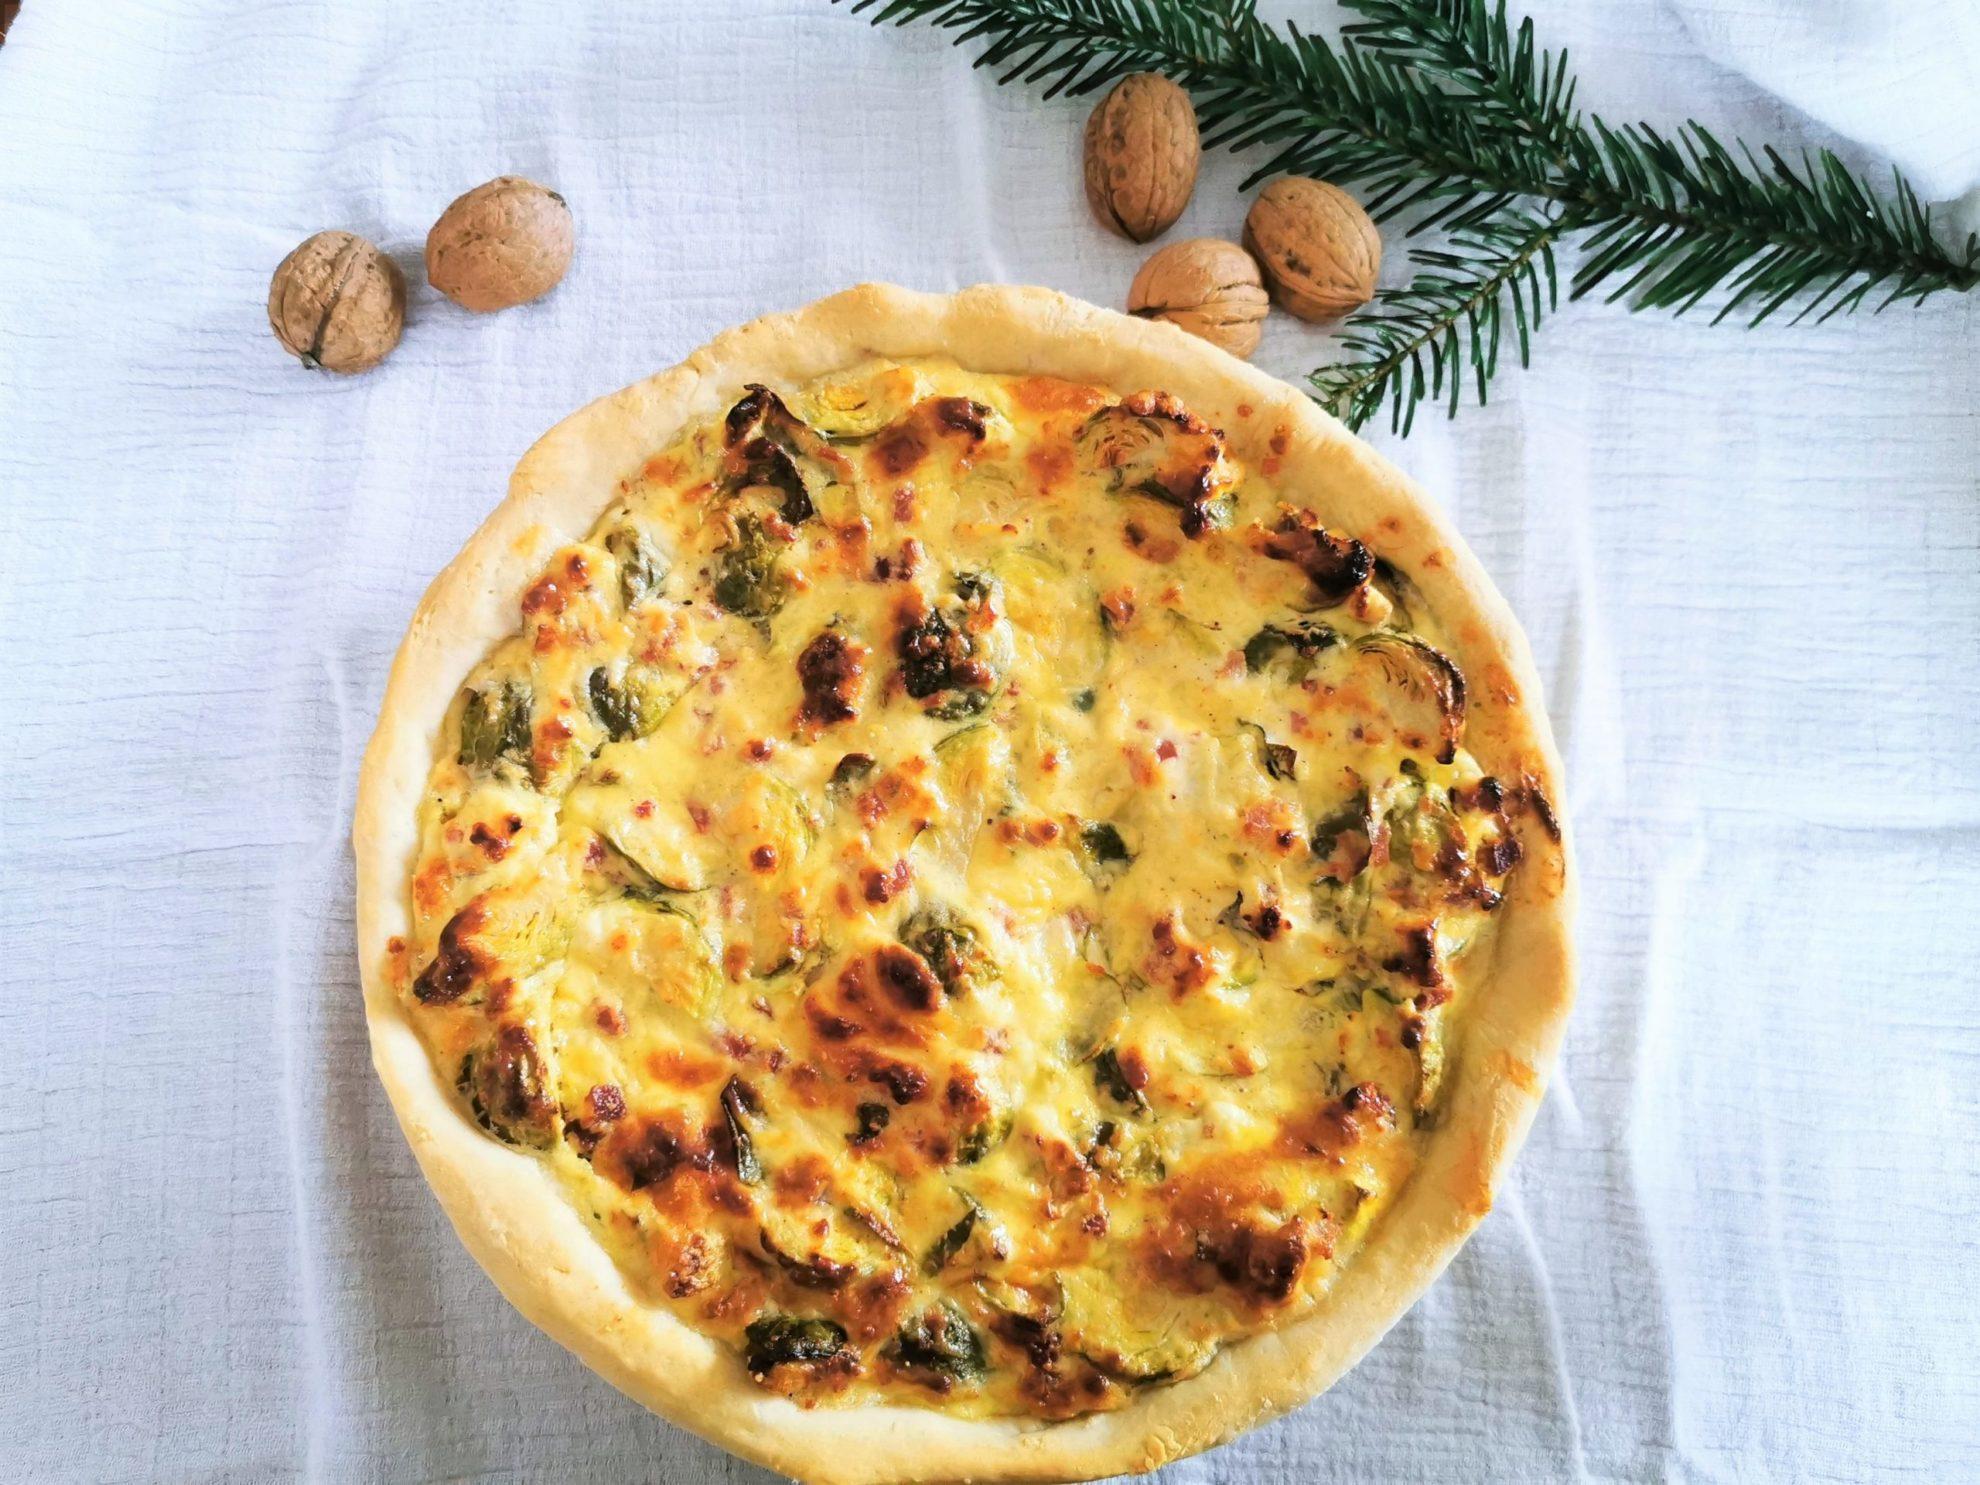 Rosenkohl Rezept Puddingklecks Mamablog Großfamilie Rosenkohlquiche Titel